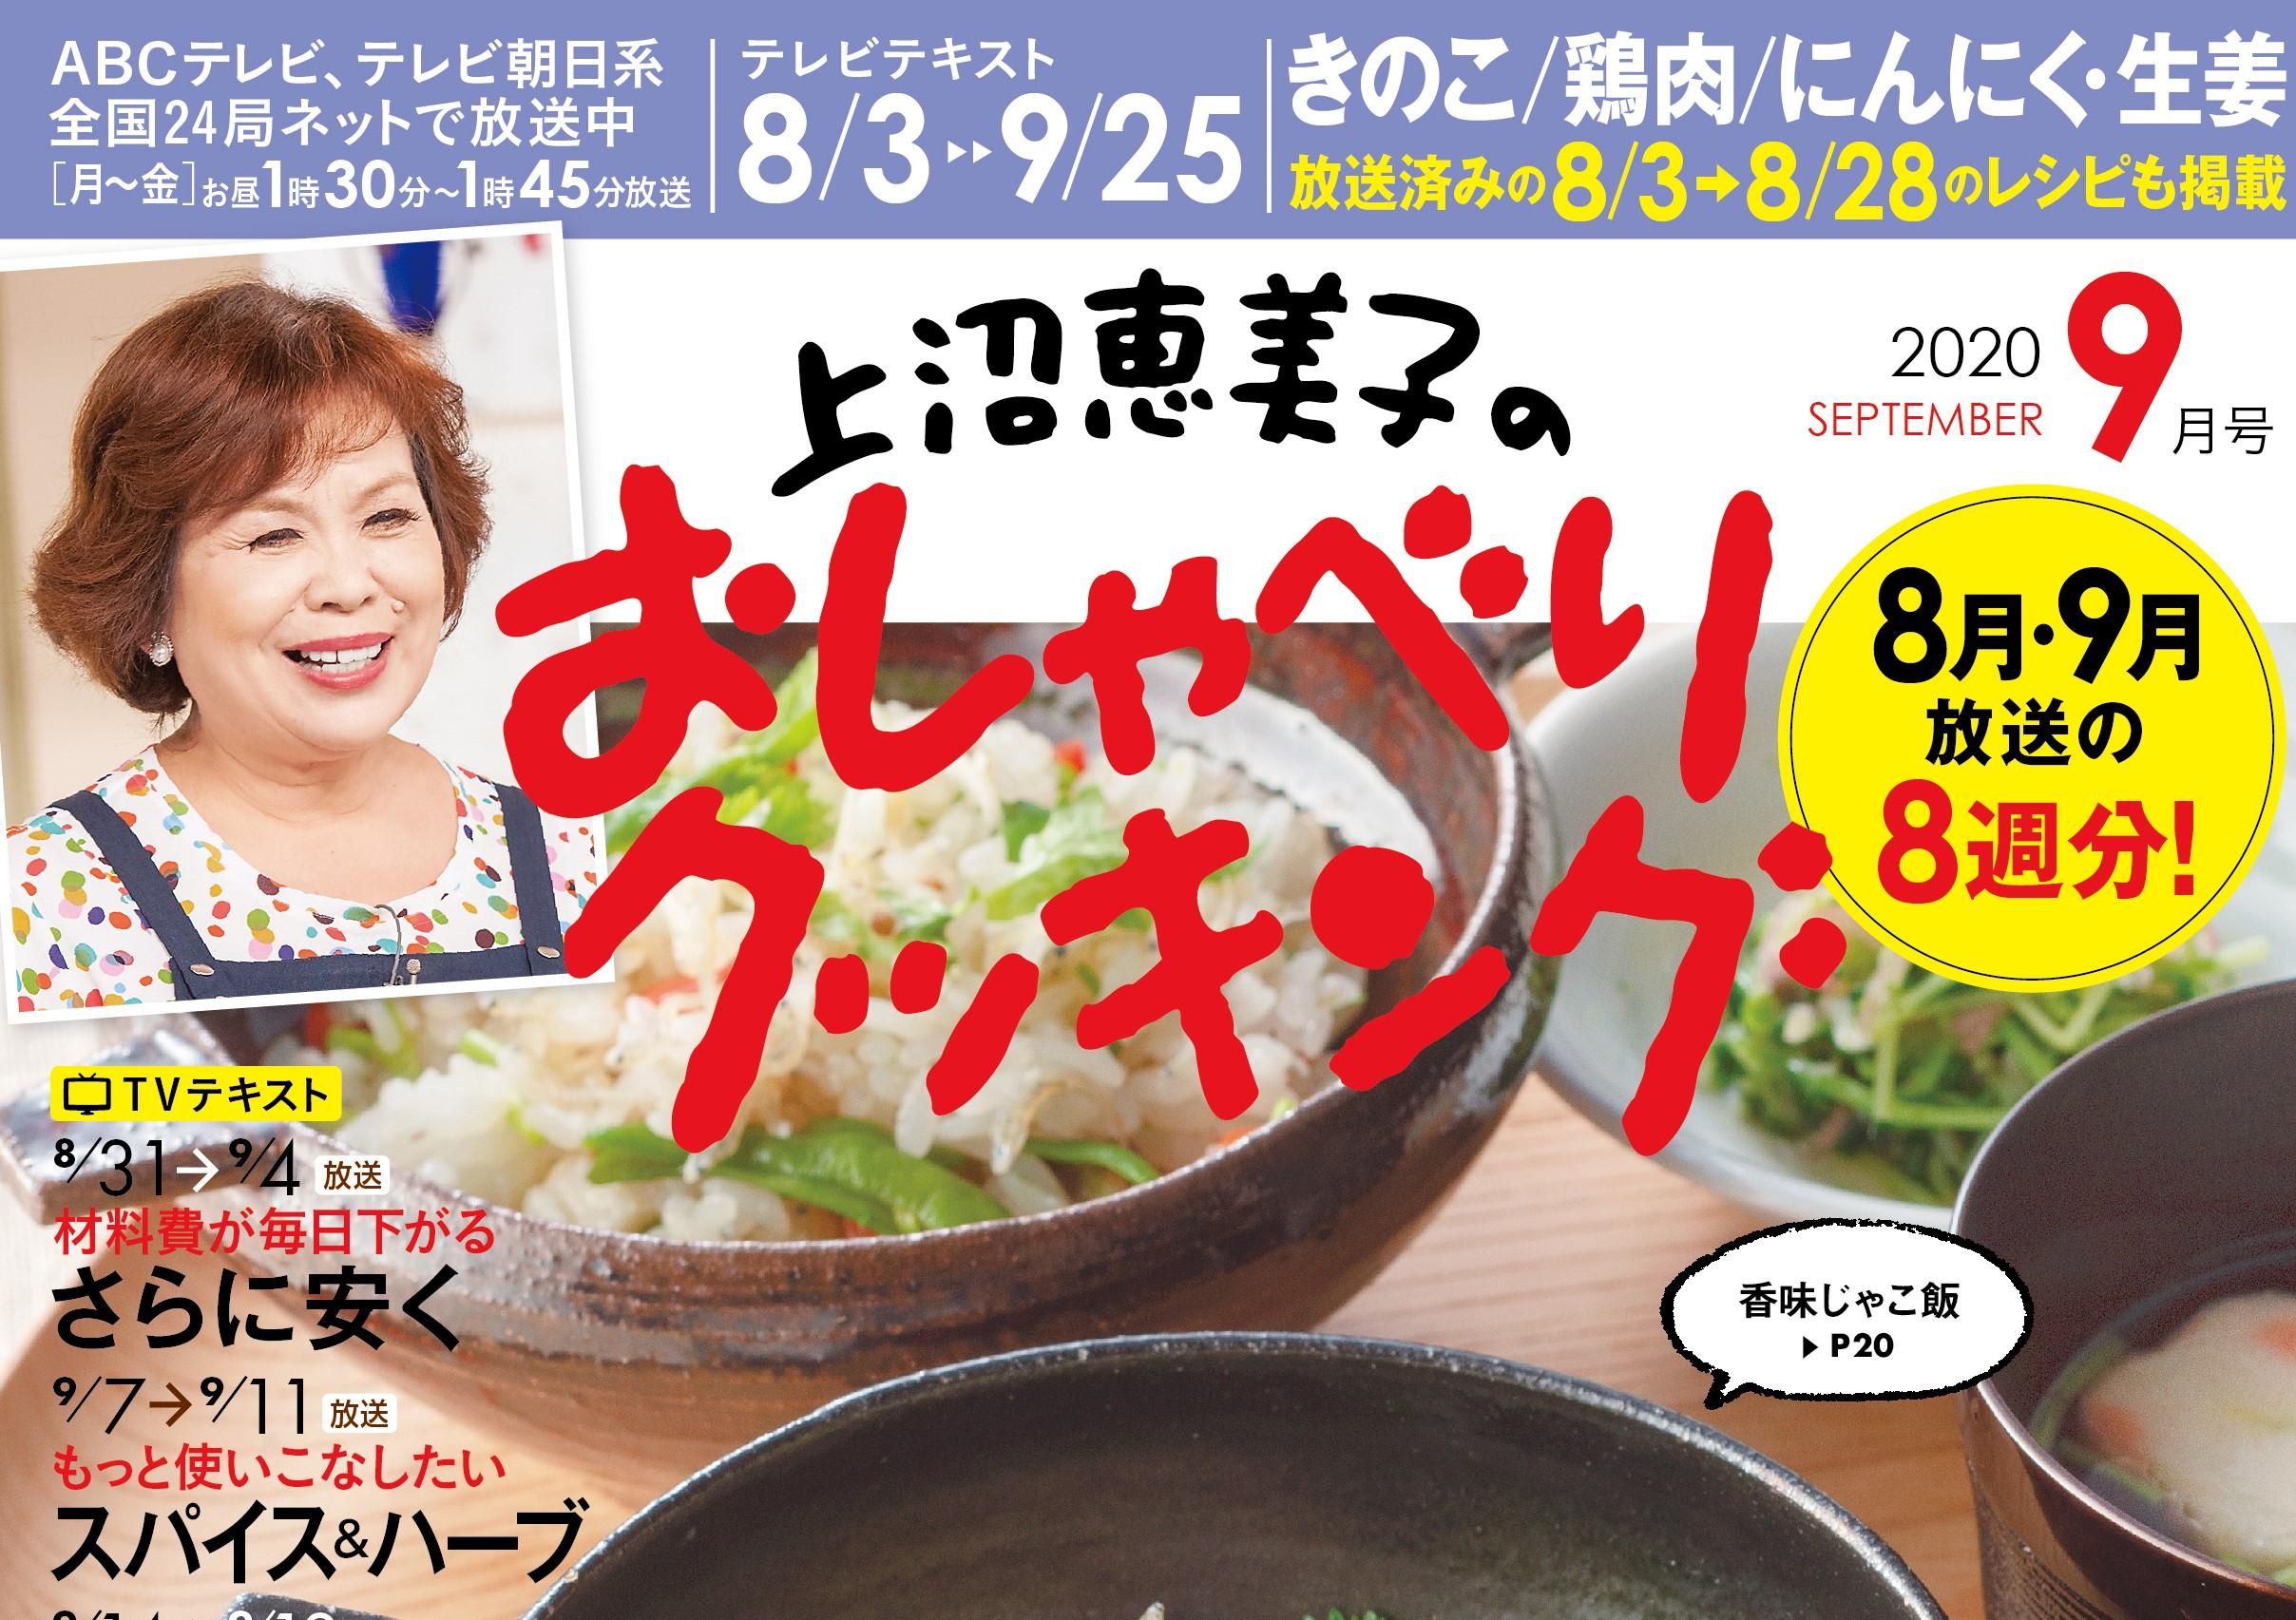 【おしゃべりクッキング・391】9月号発売! 8/31~「さらに安く」